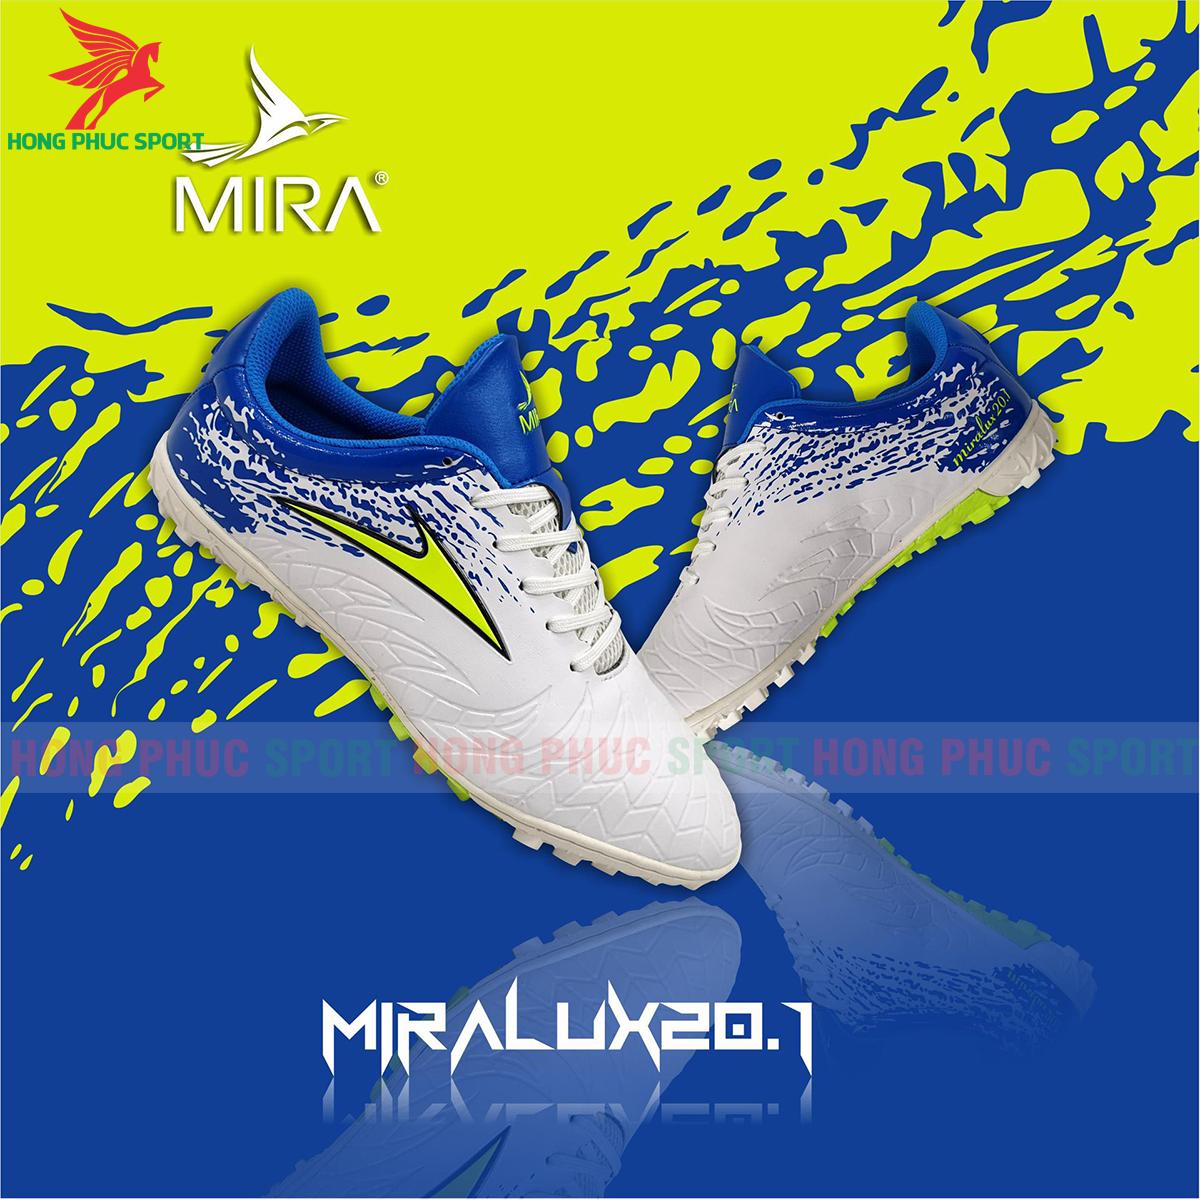 Giày Mira Lux 20.1 sân cỏ nhân tạo màu trắng phối xanh